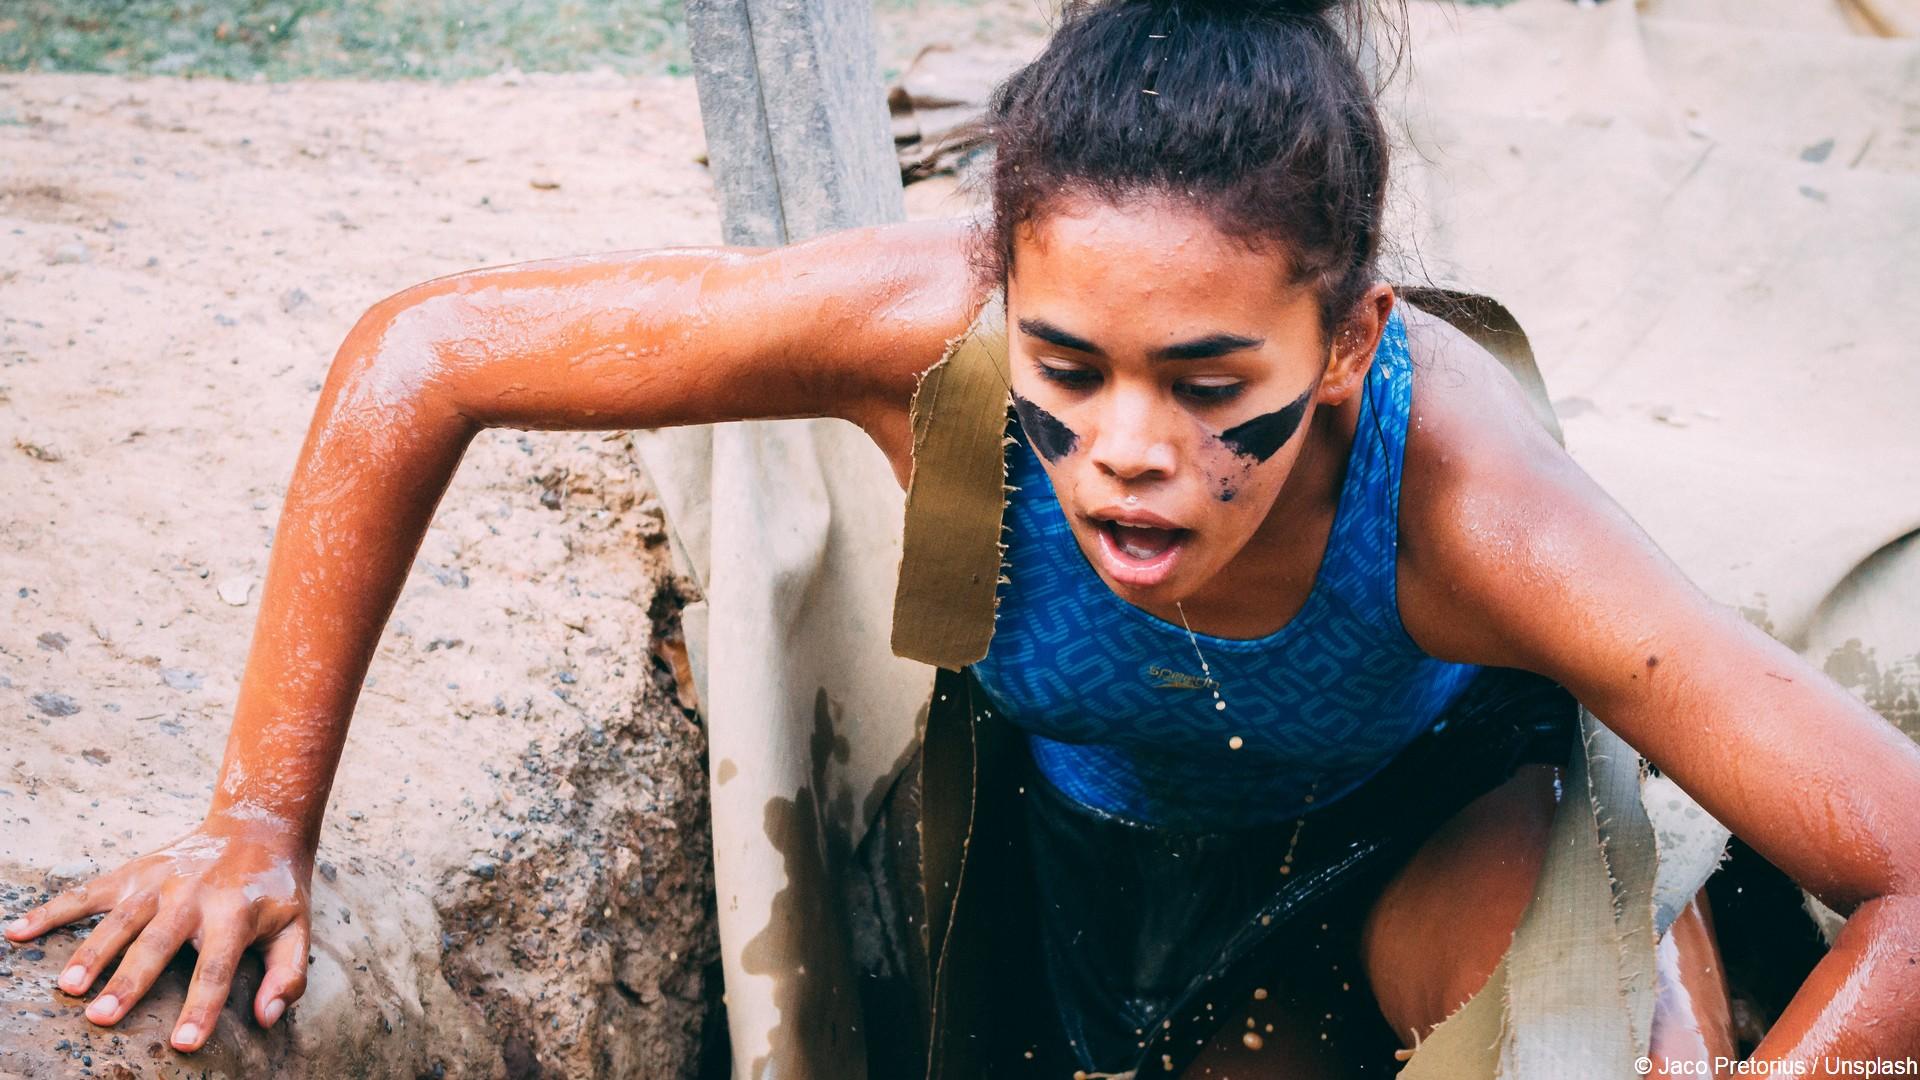 Course Mud (c) Jaco Pretorius Unsplash